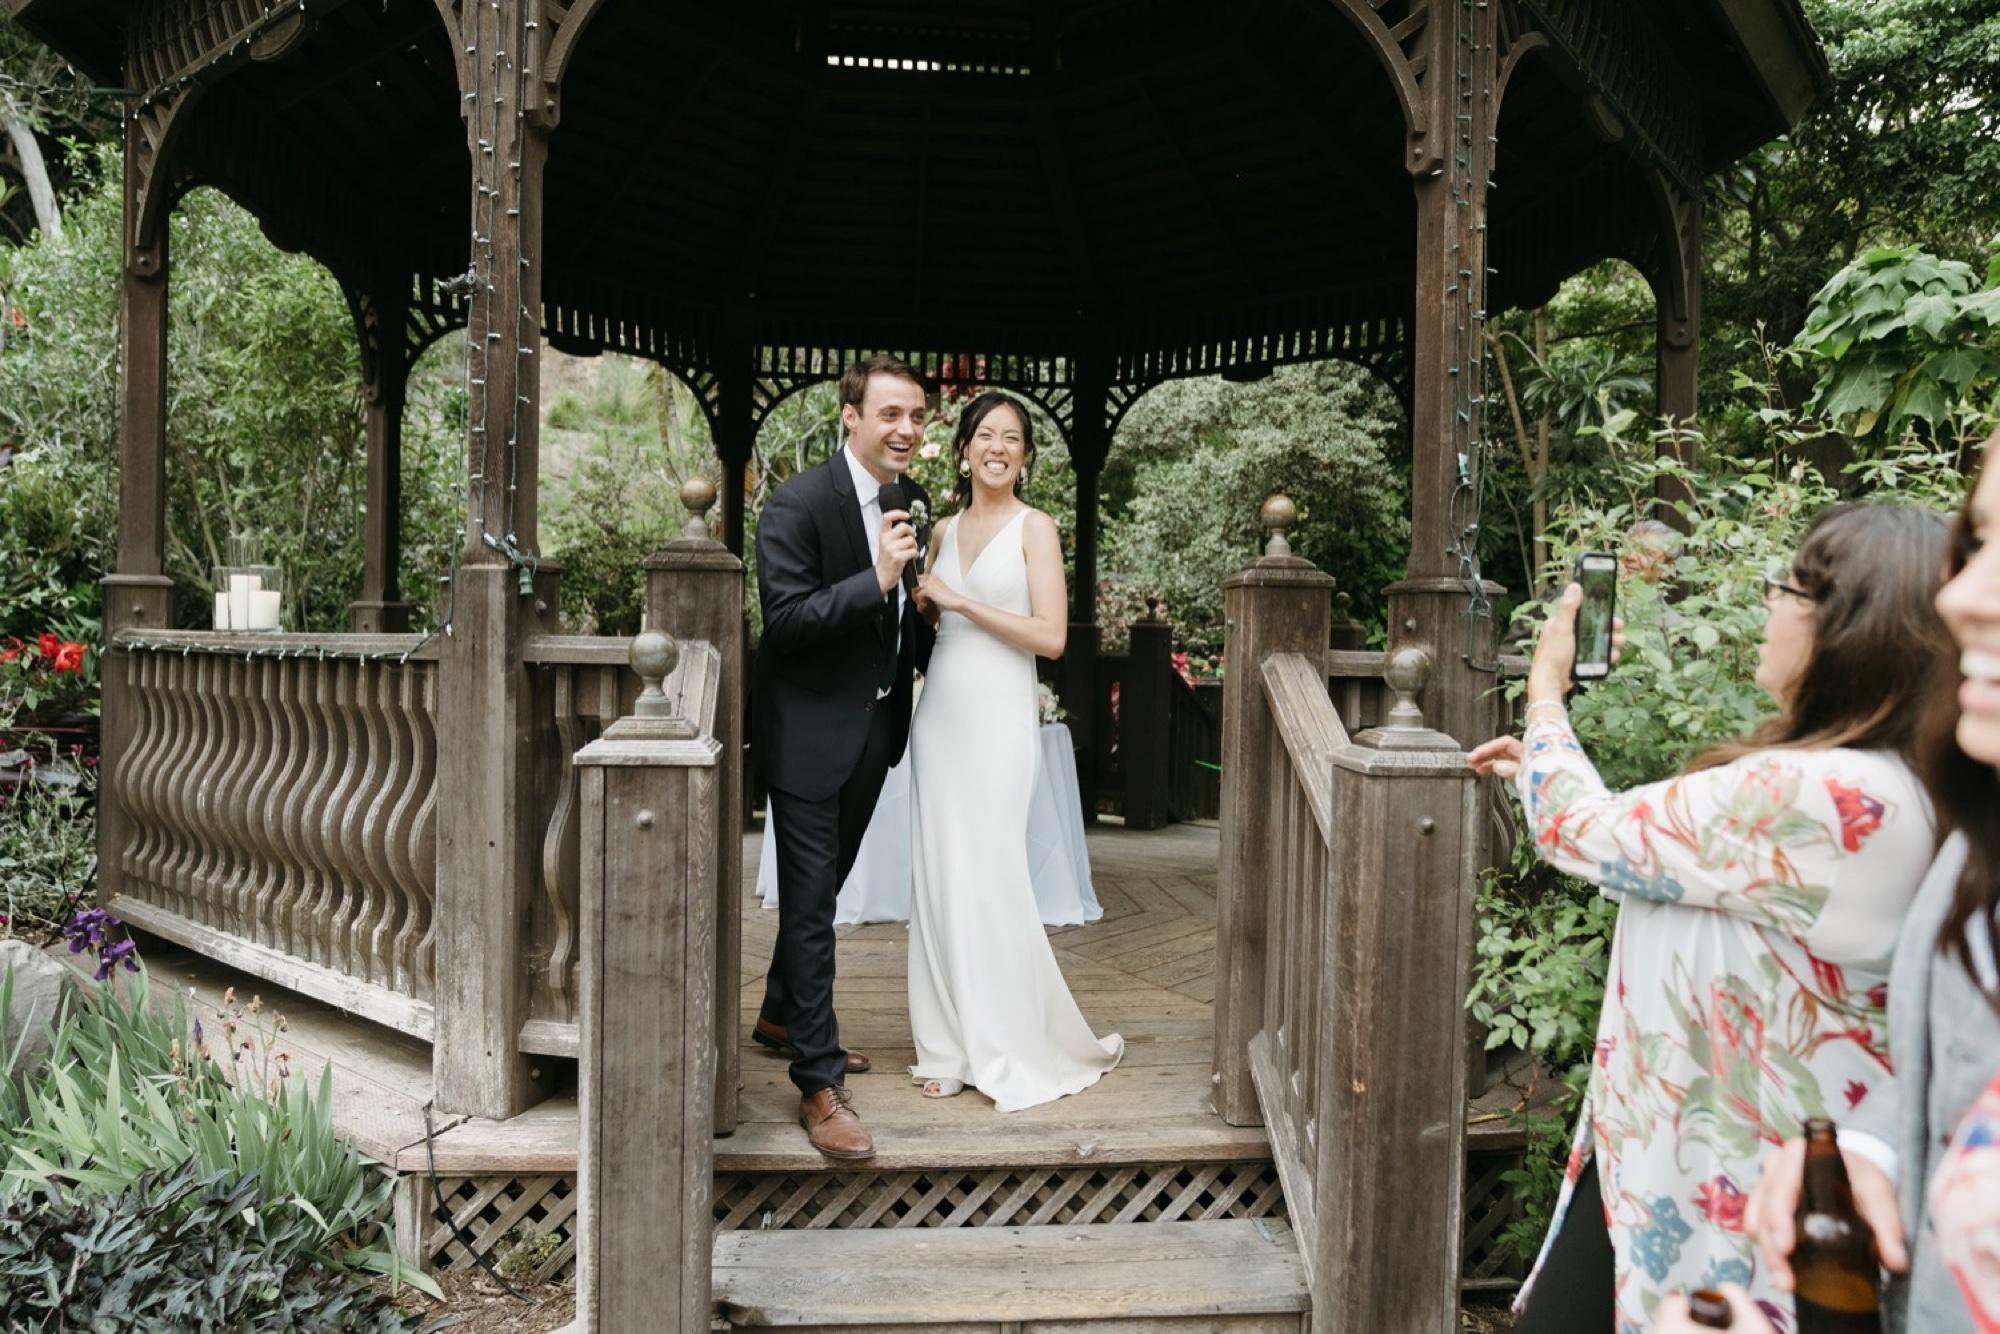 092_Shawna and Steve's Wedding-574.jpg